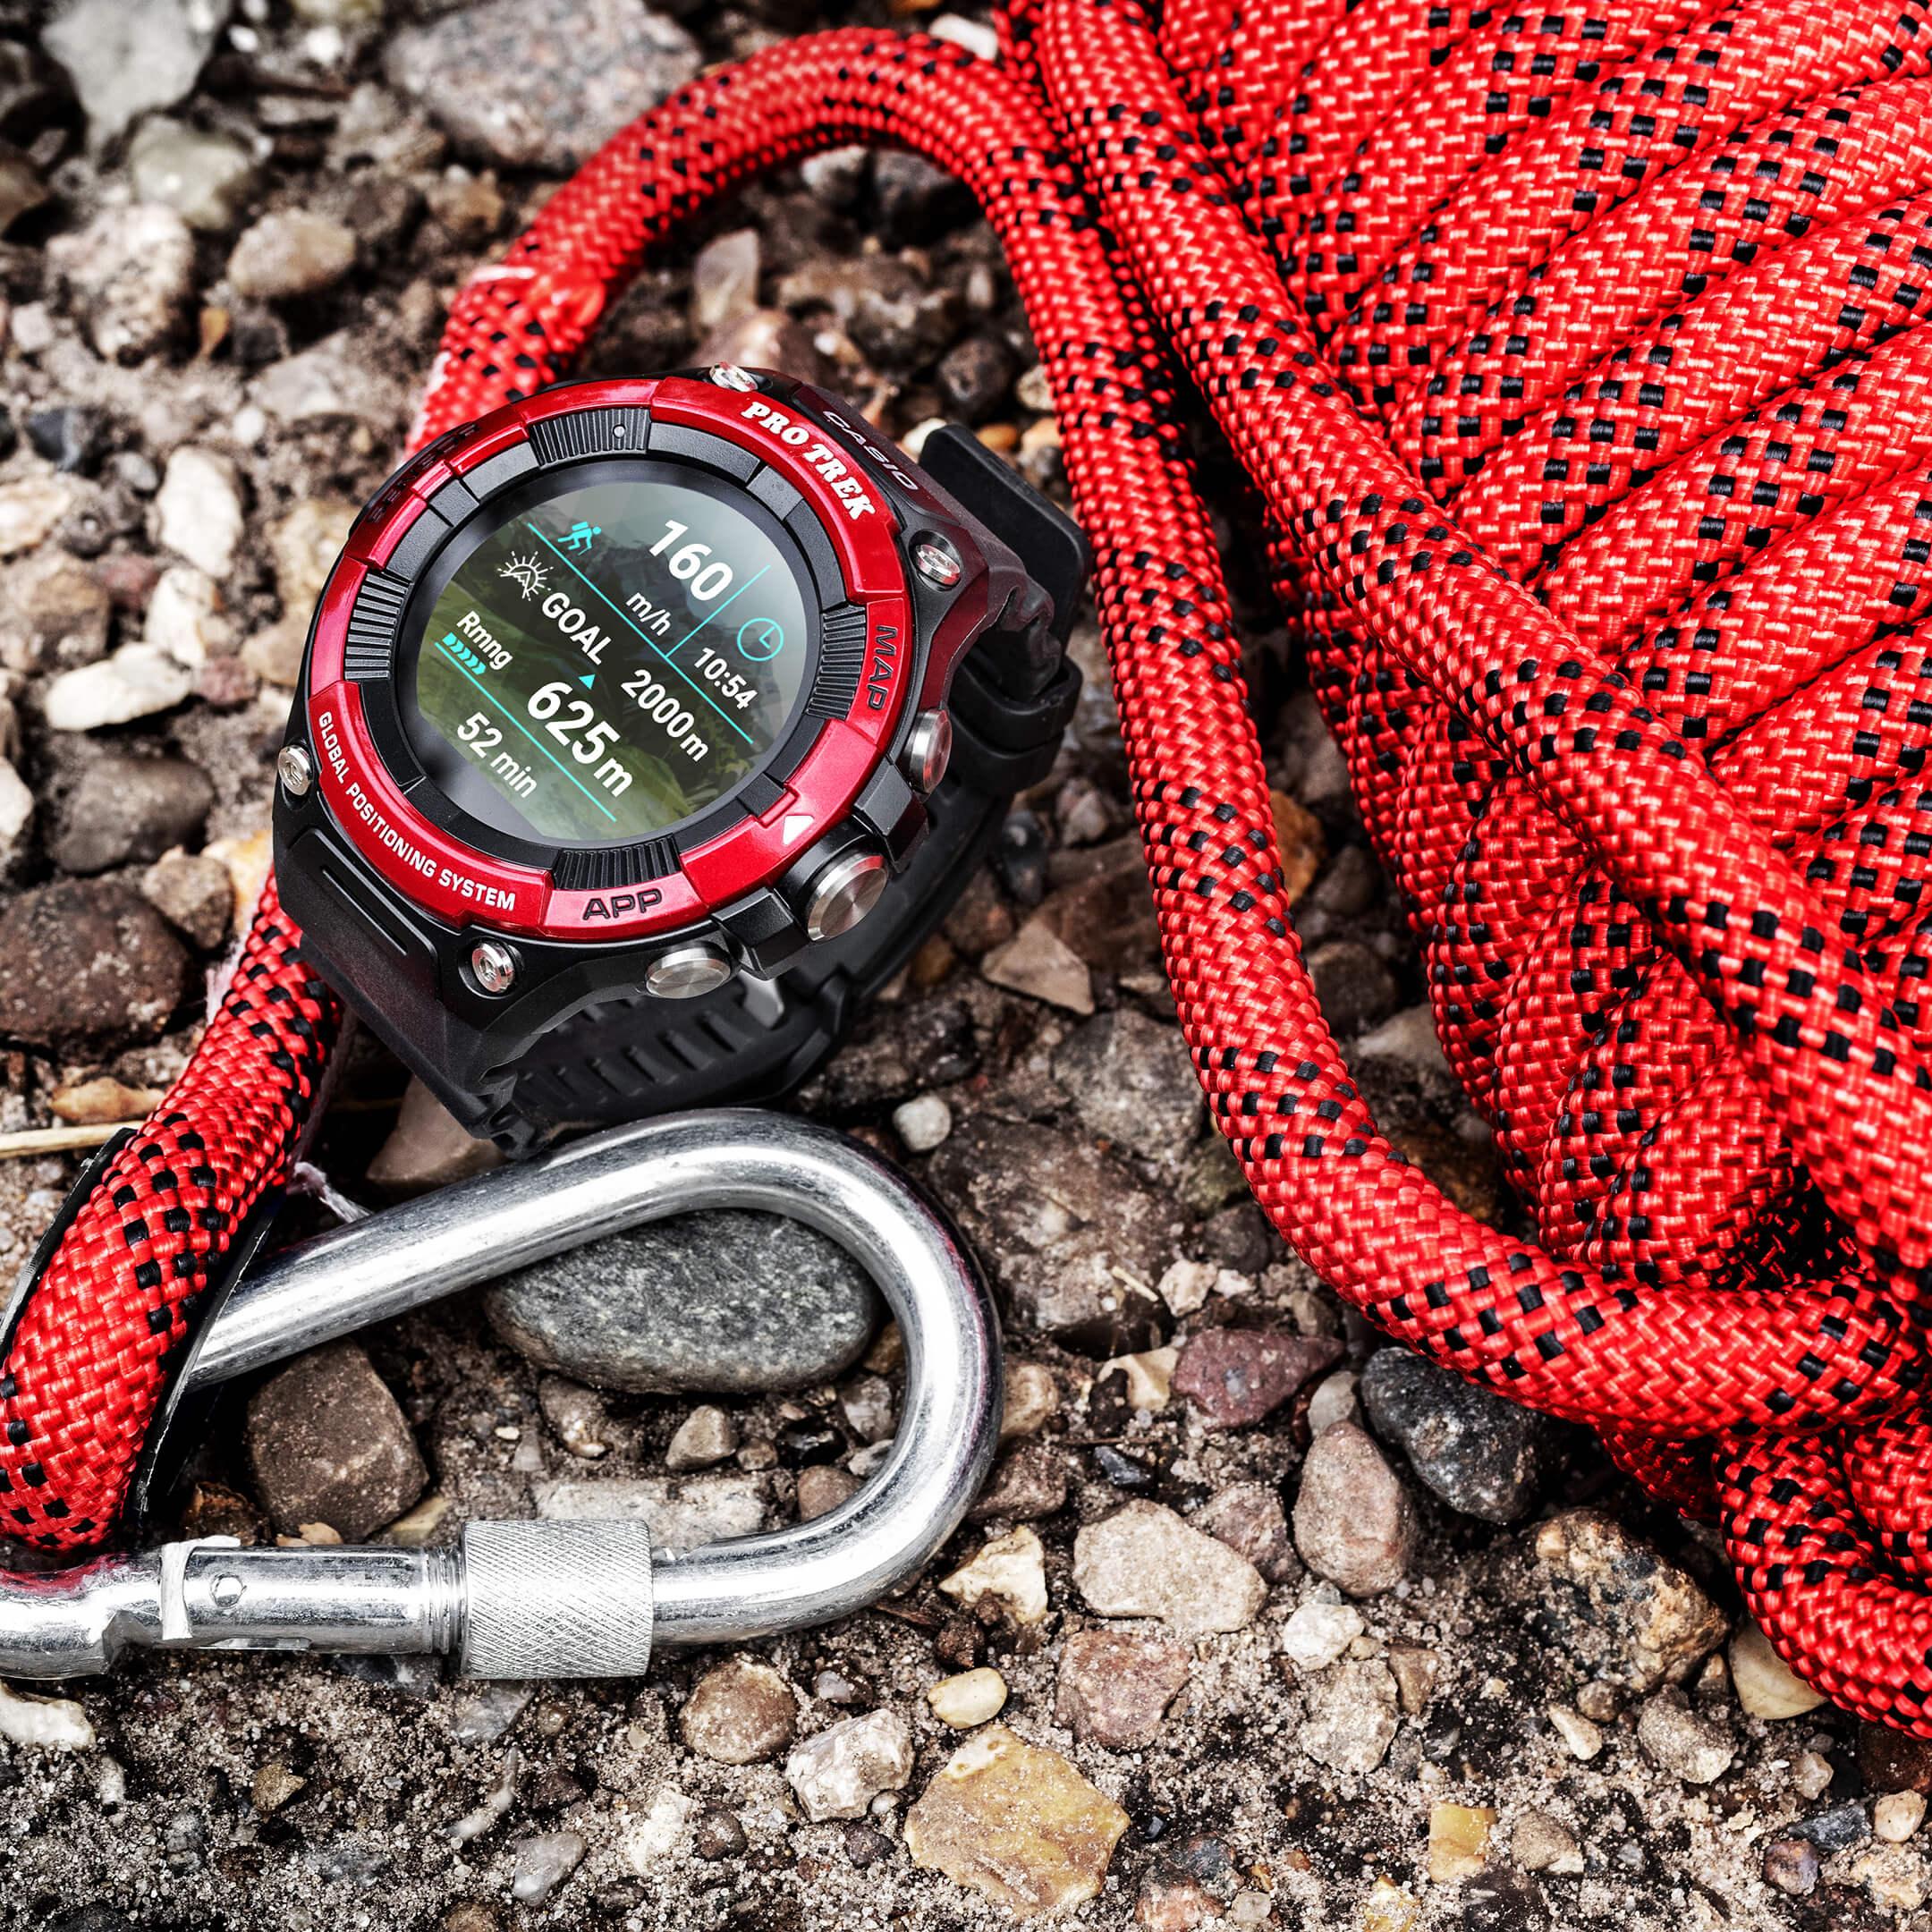 Die Pro Trek Smartwatch beim Klettern